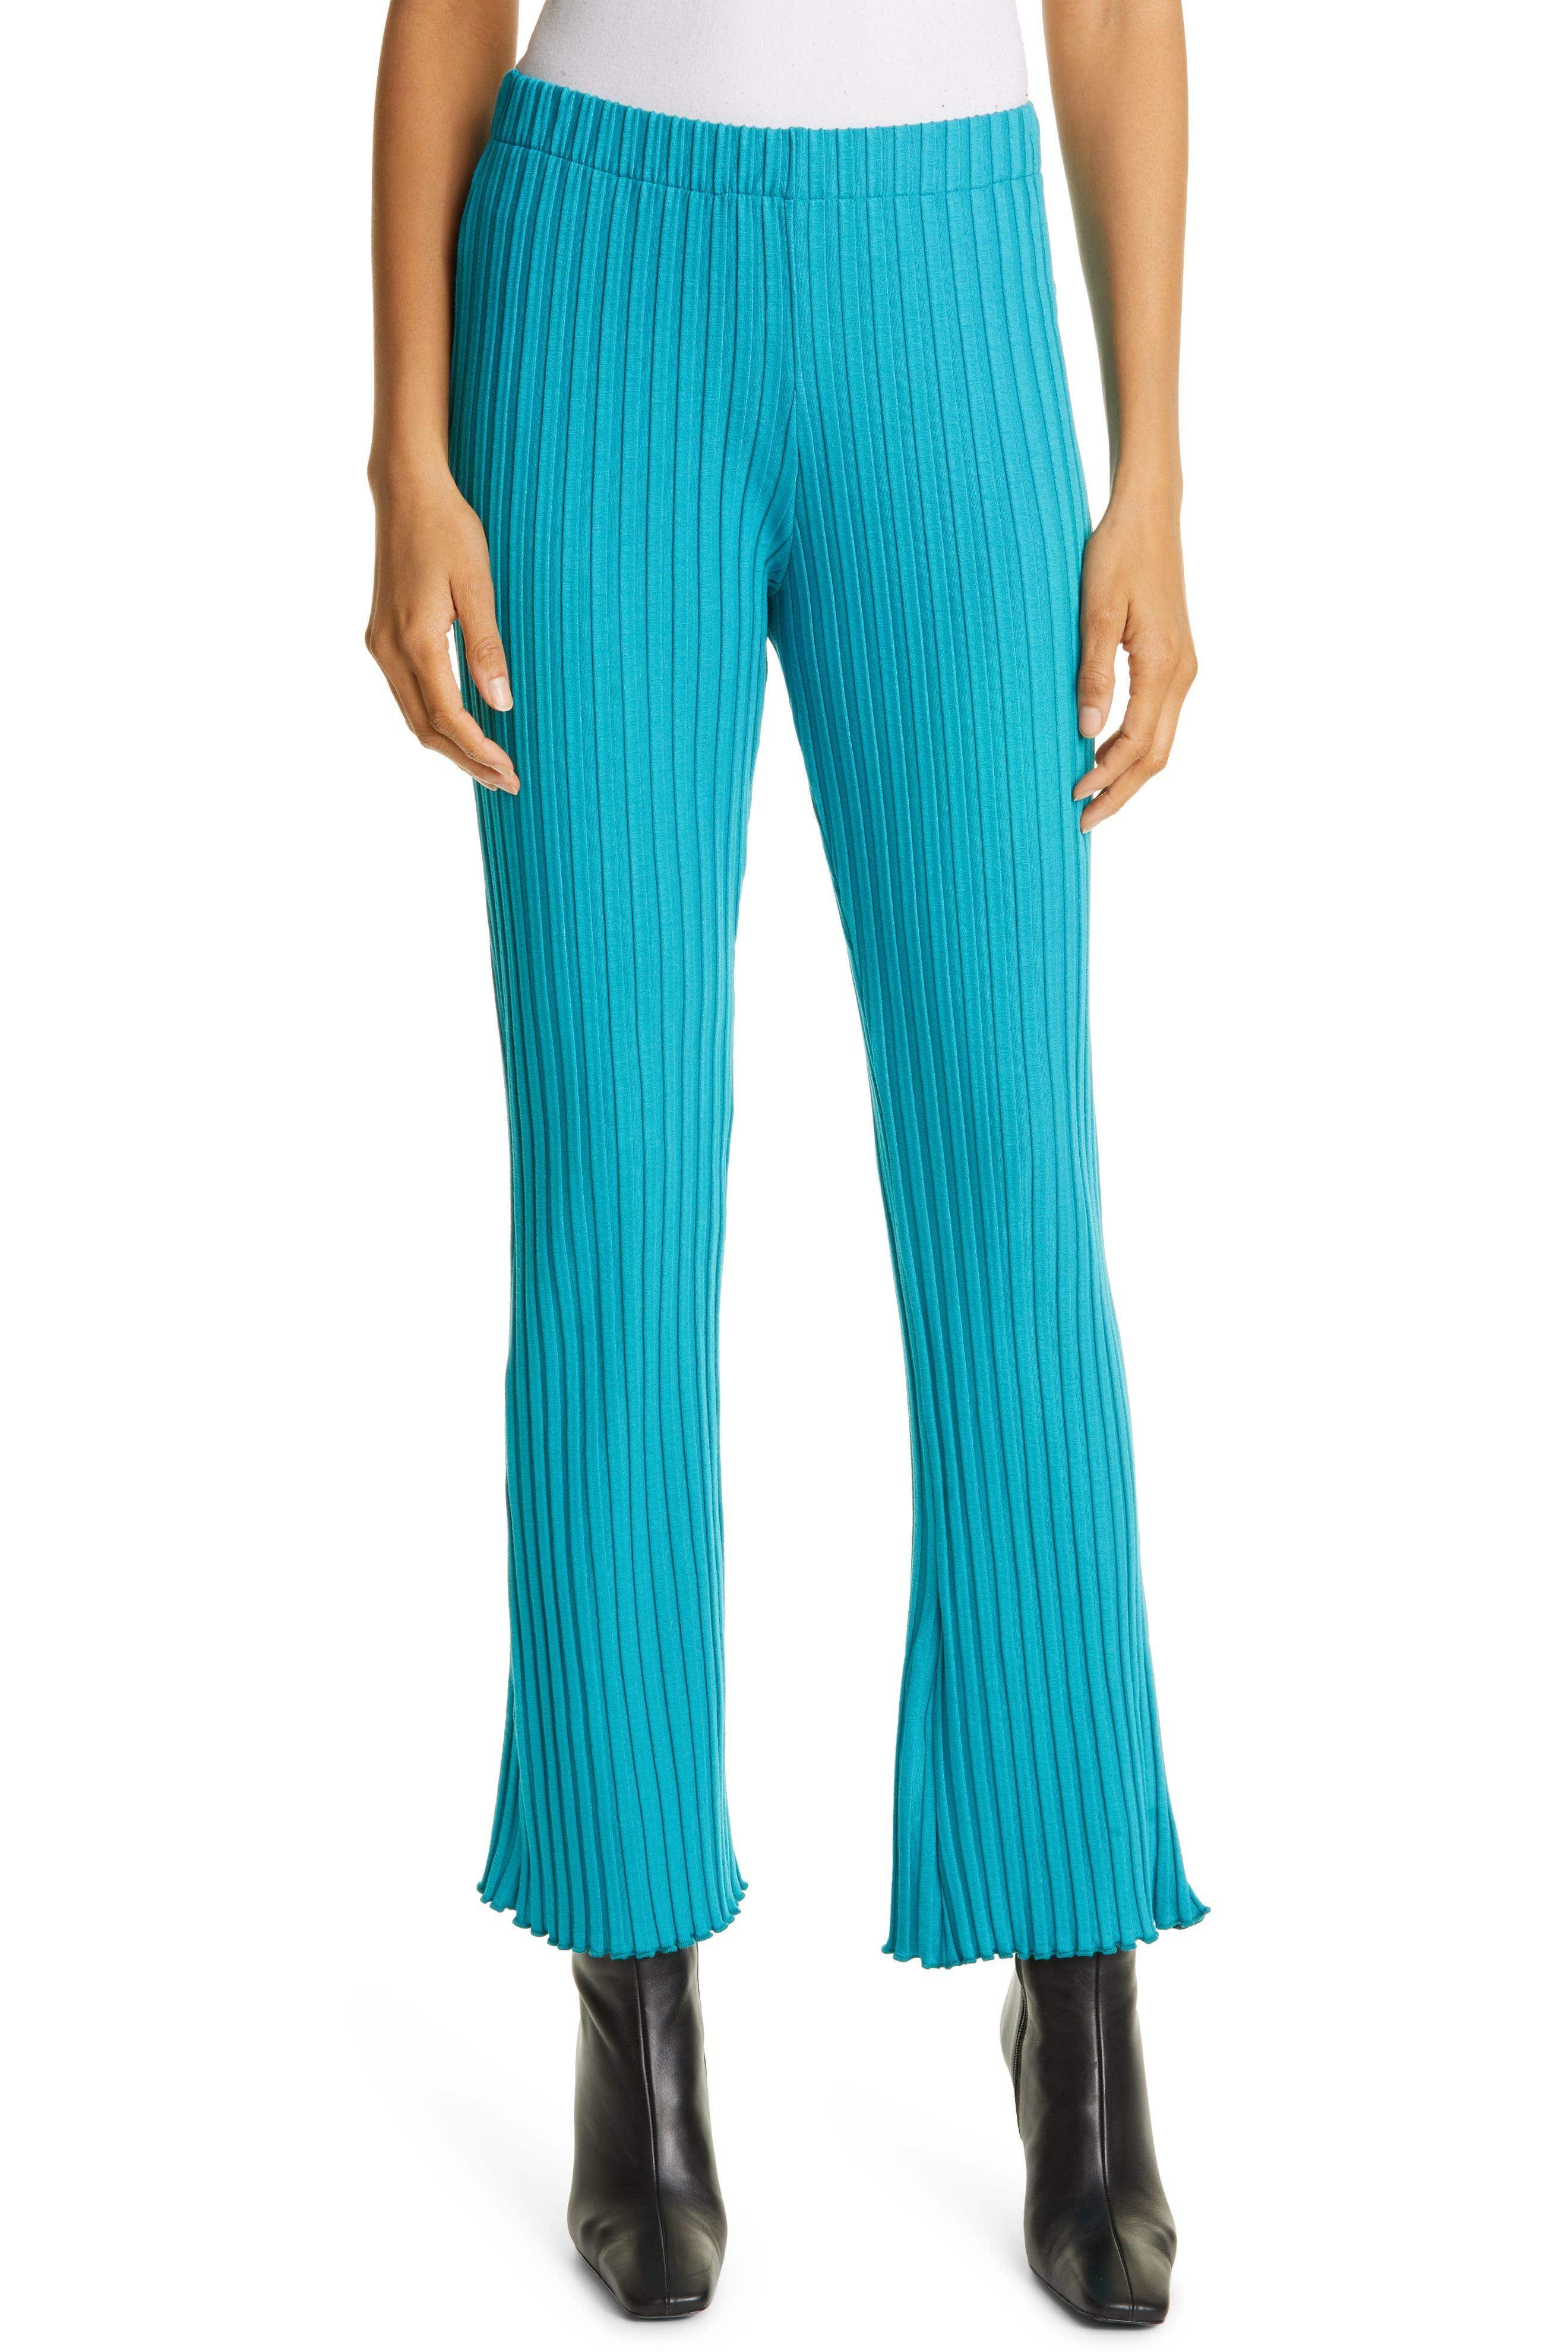 Cyrene Ribbed High Waist Pants